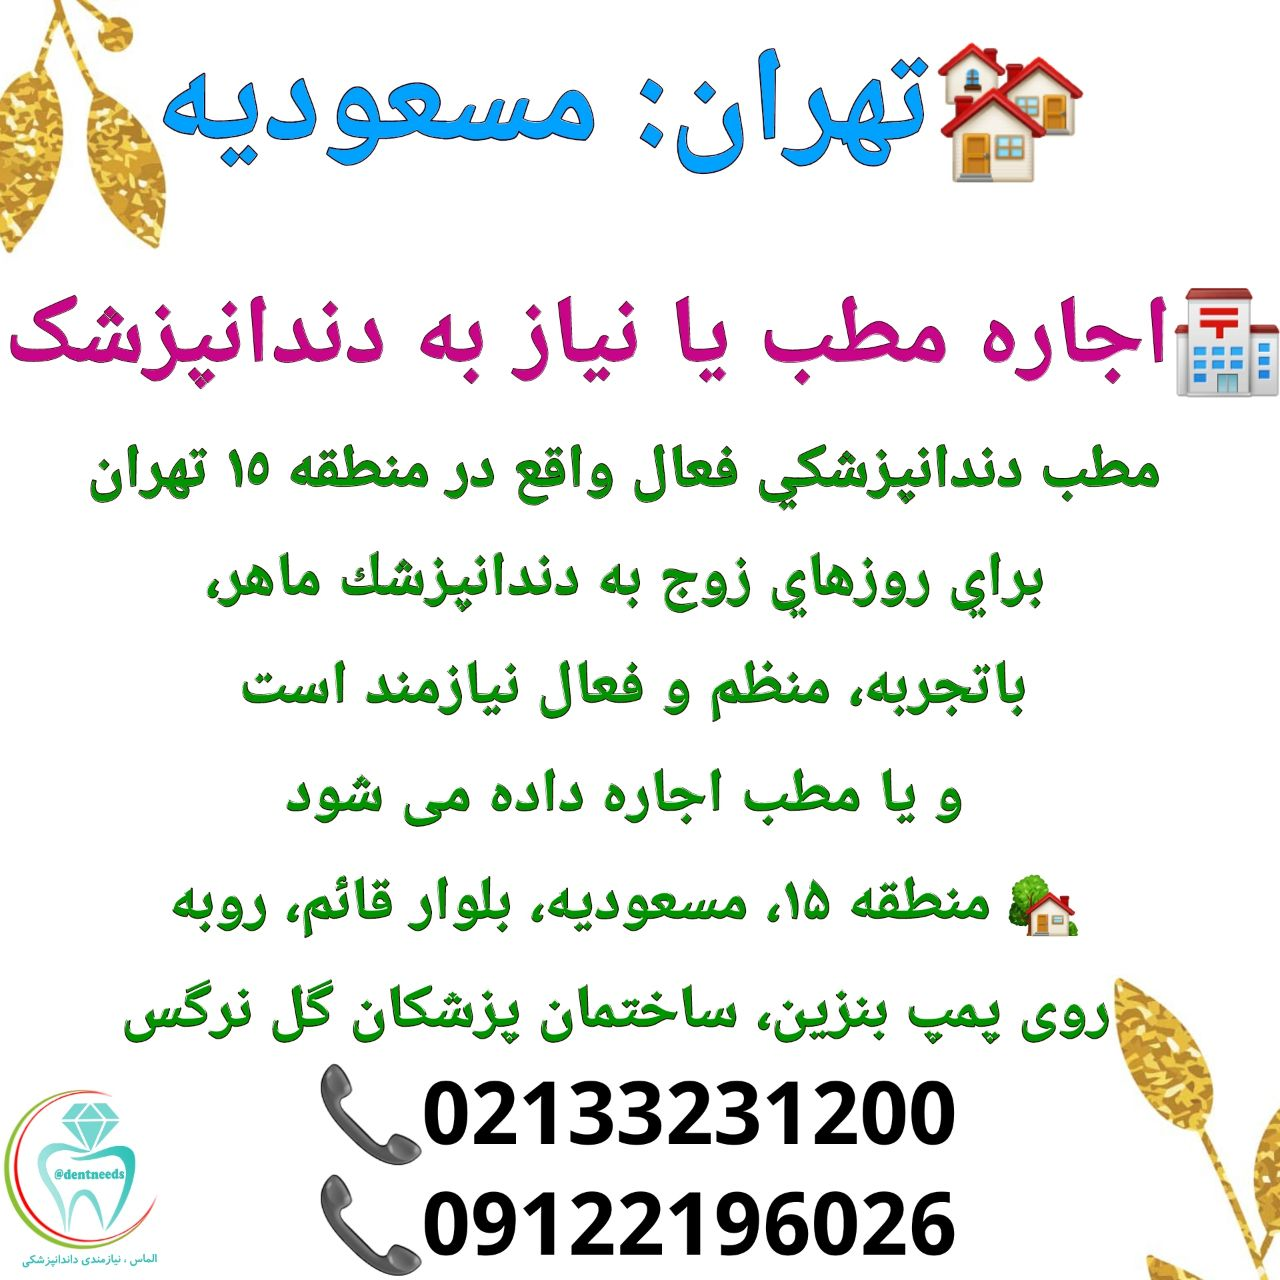 تهران: مسعودیه، اجاره مطب یا نیاز به دندانپزشک